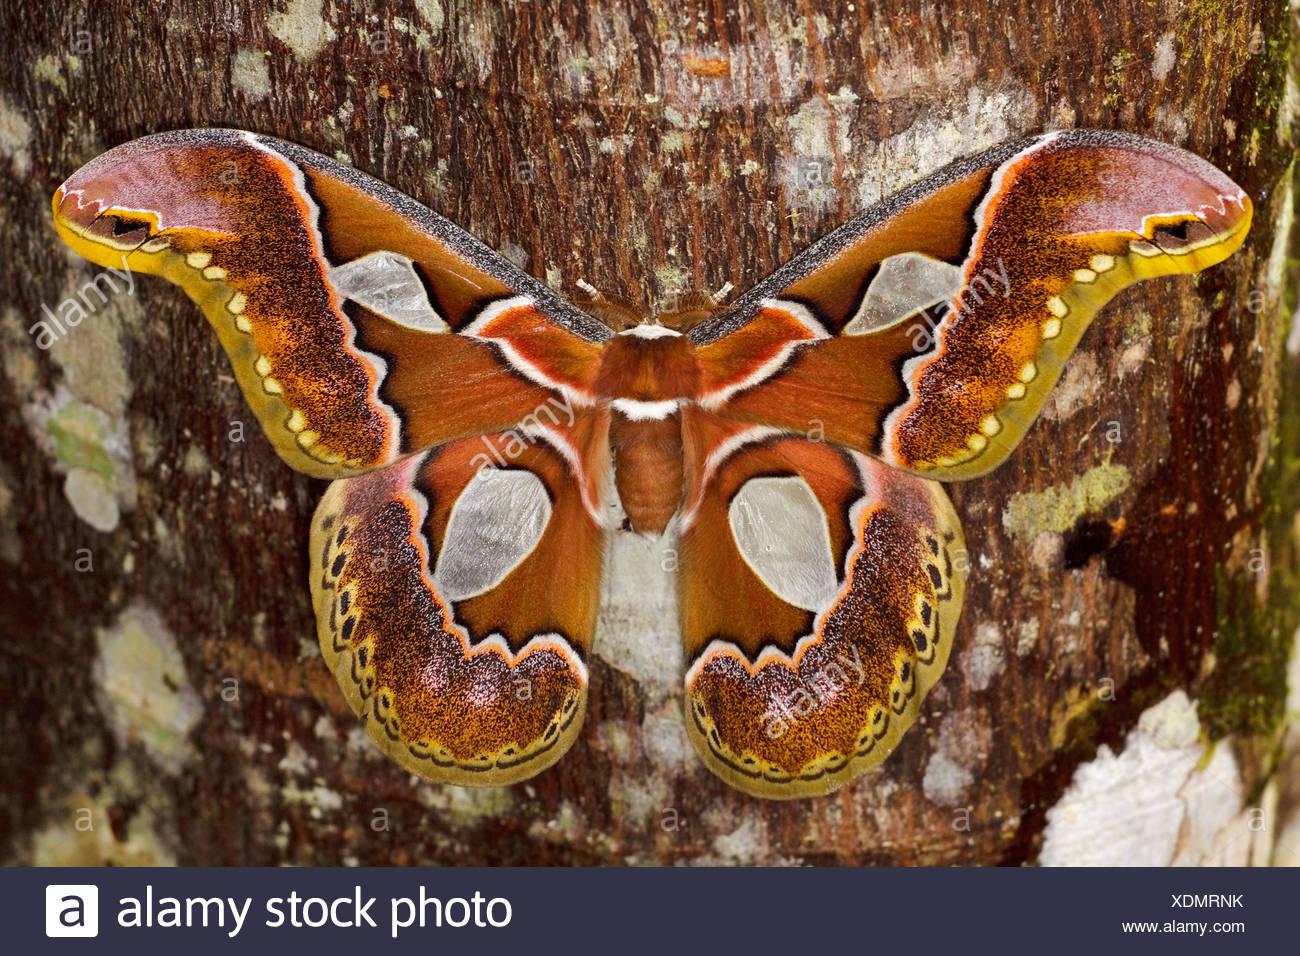 Un grand papillon perché sur un tronc d'arbre dans la vallée de Tandayapa de l'Équateur. Photo Stock